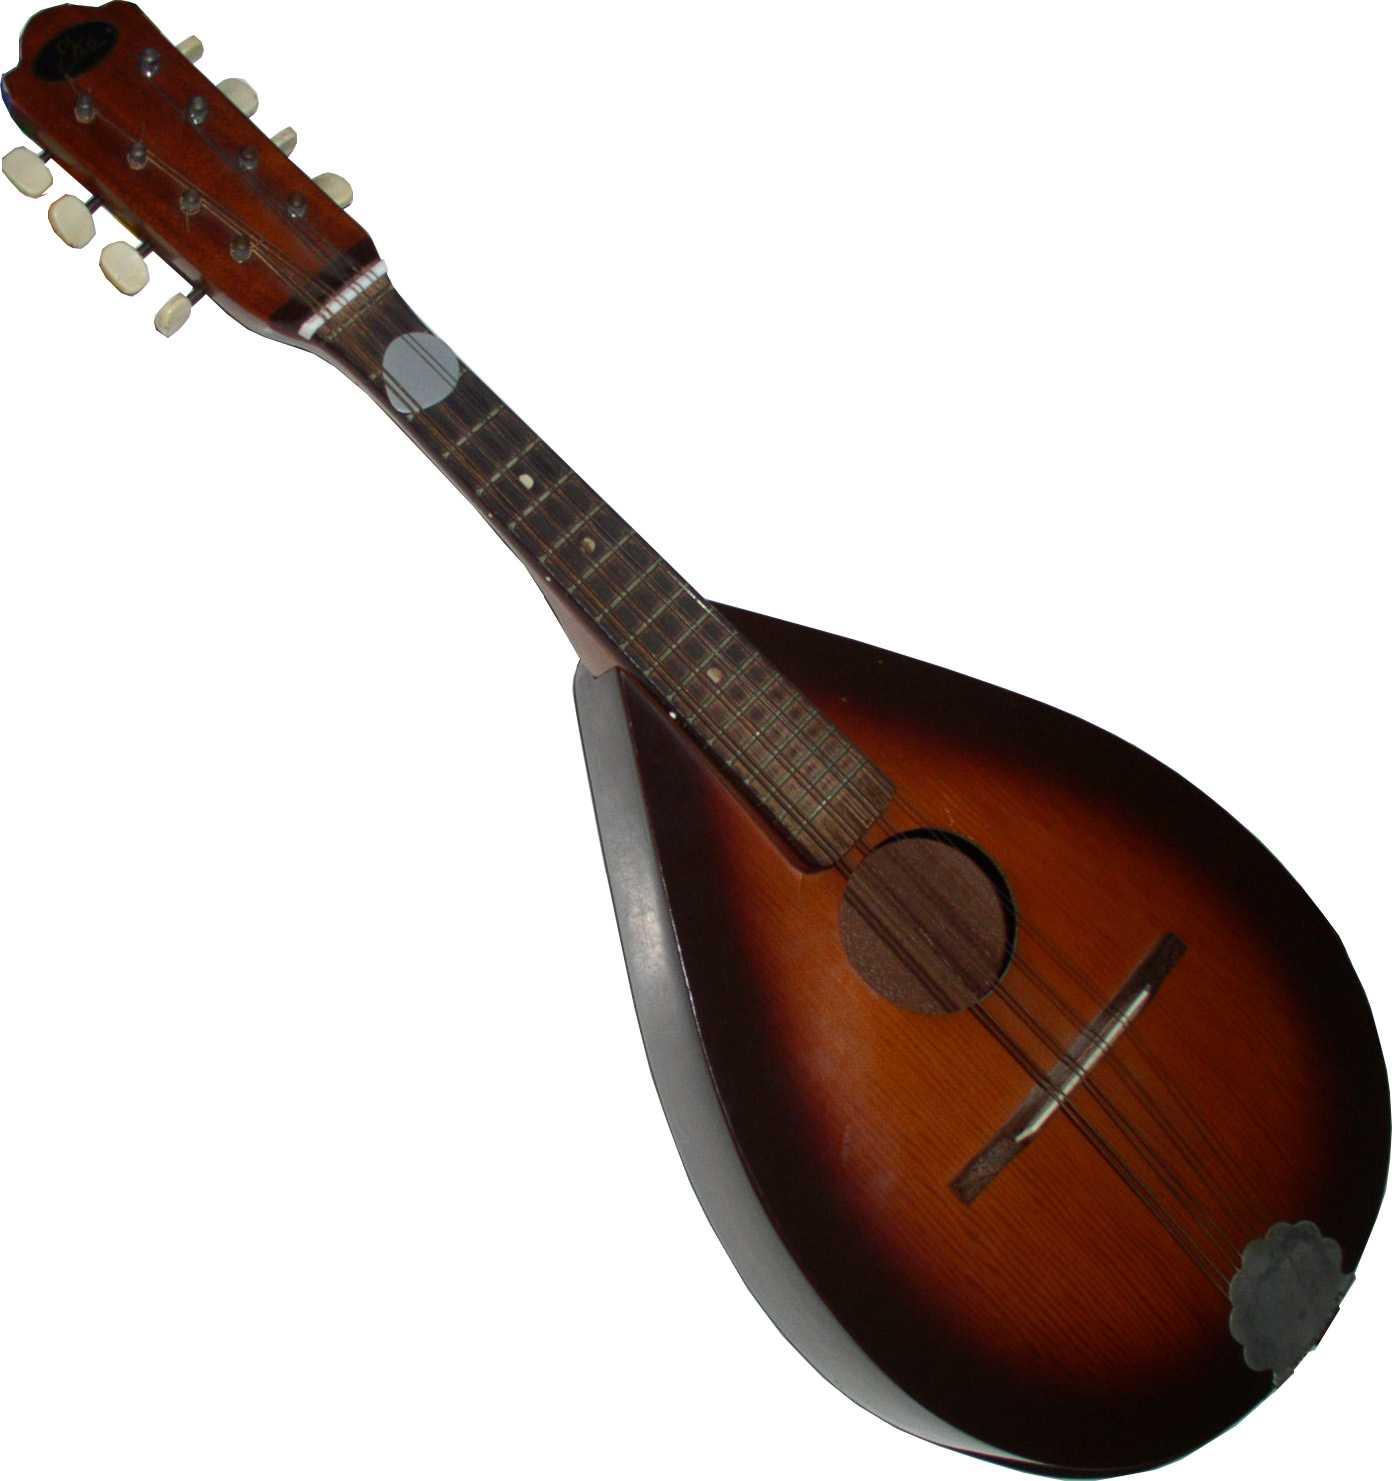 Mandolin1 - Mandolin